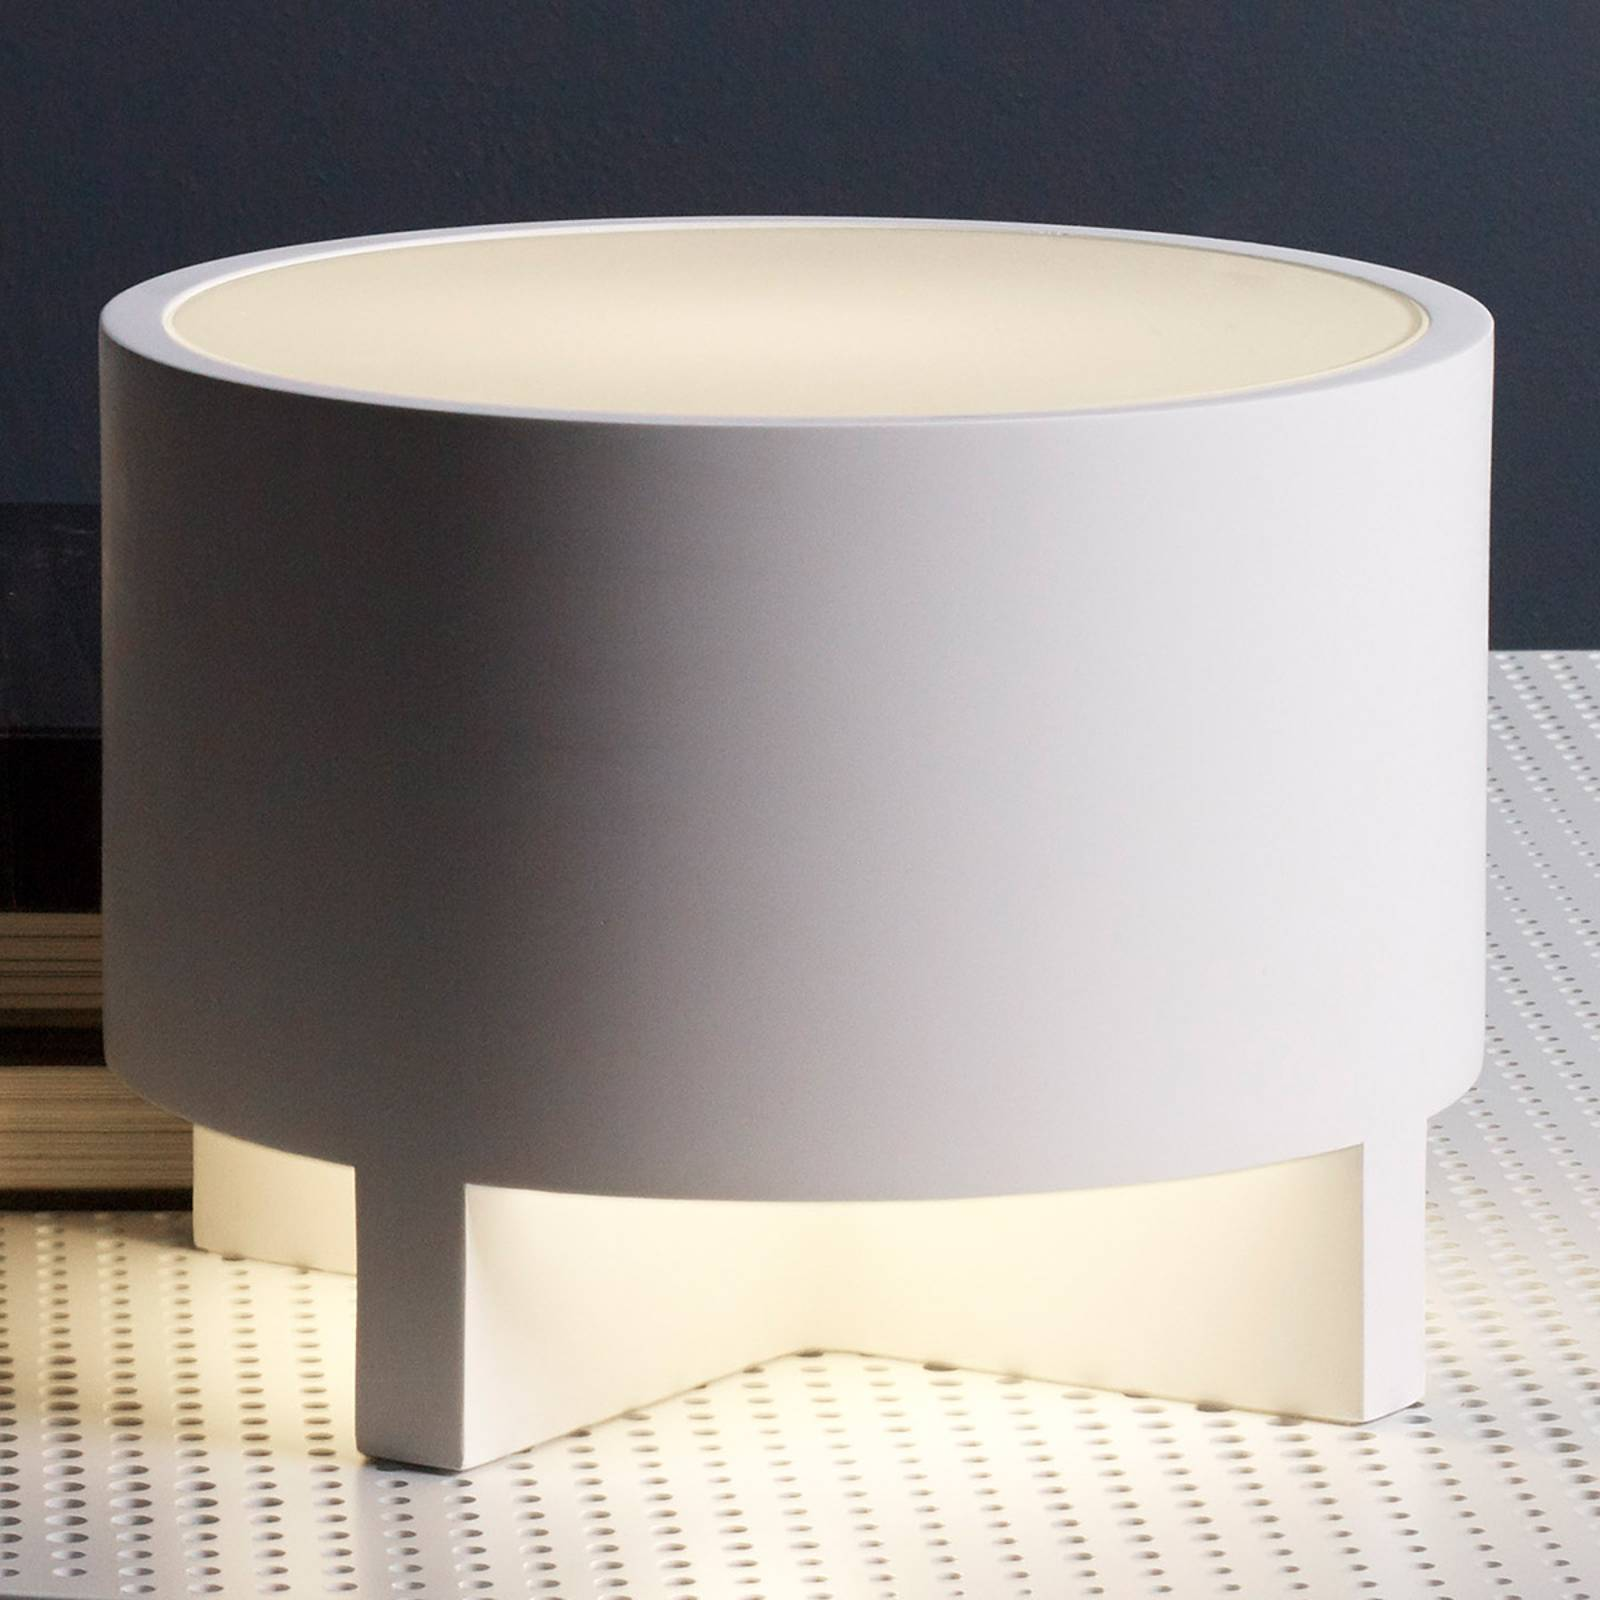 Astro Martello -pöytävalaisin, Ø 24 cm